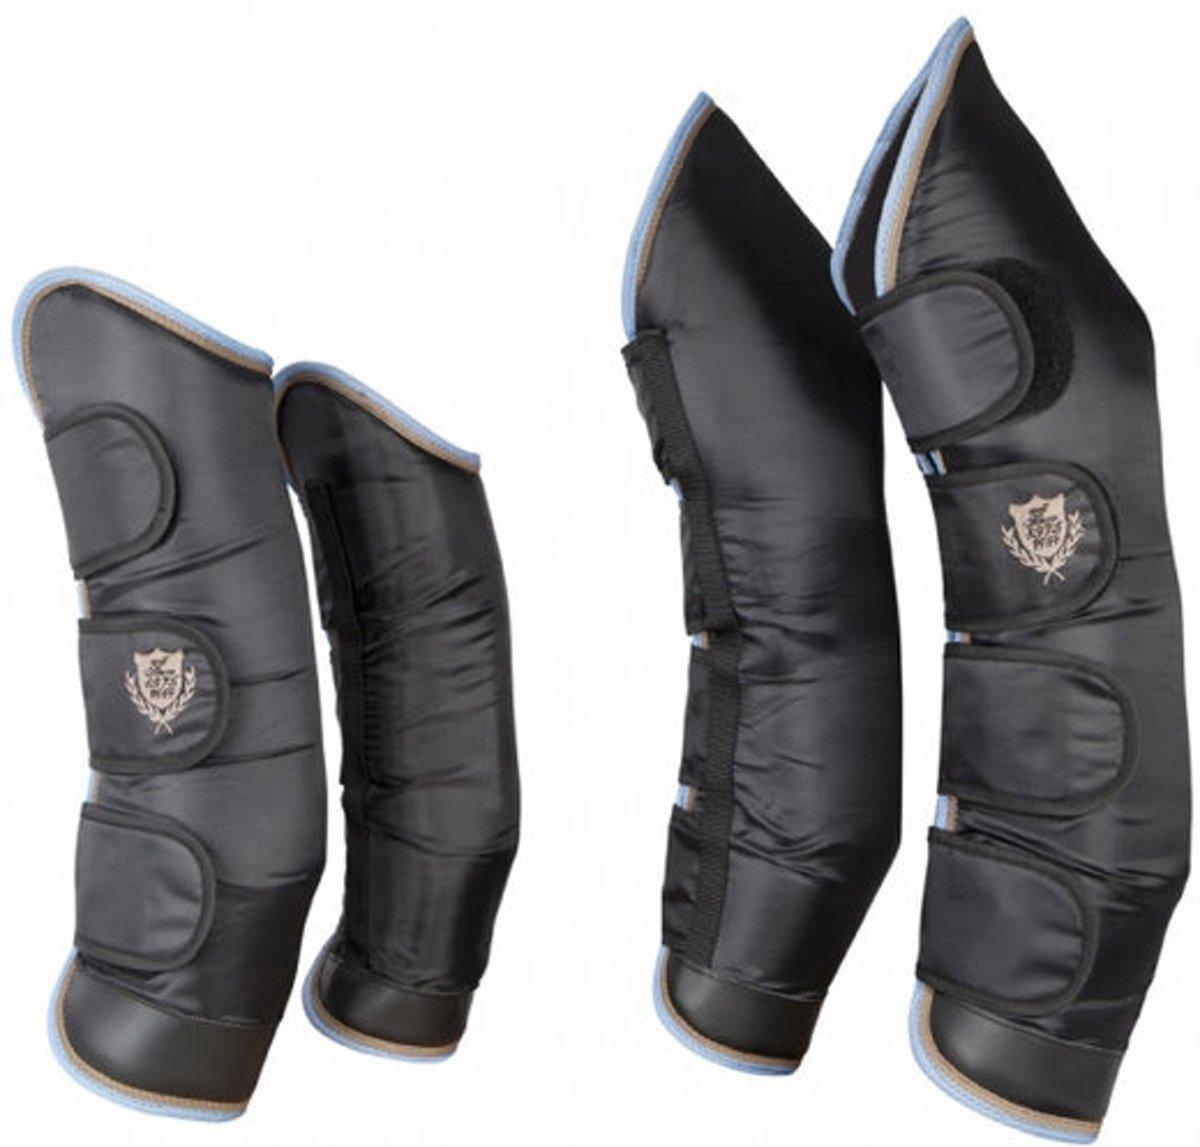 PFIFF Transportpeesbeschermers Barrow FULL Zwart kopen